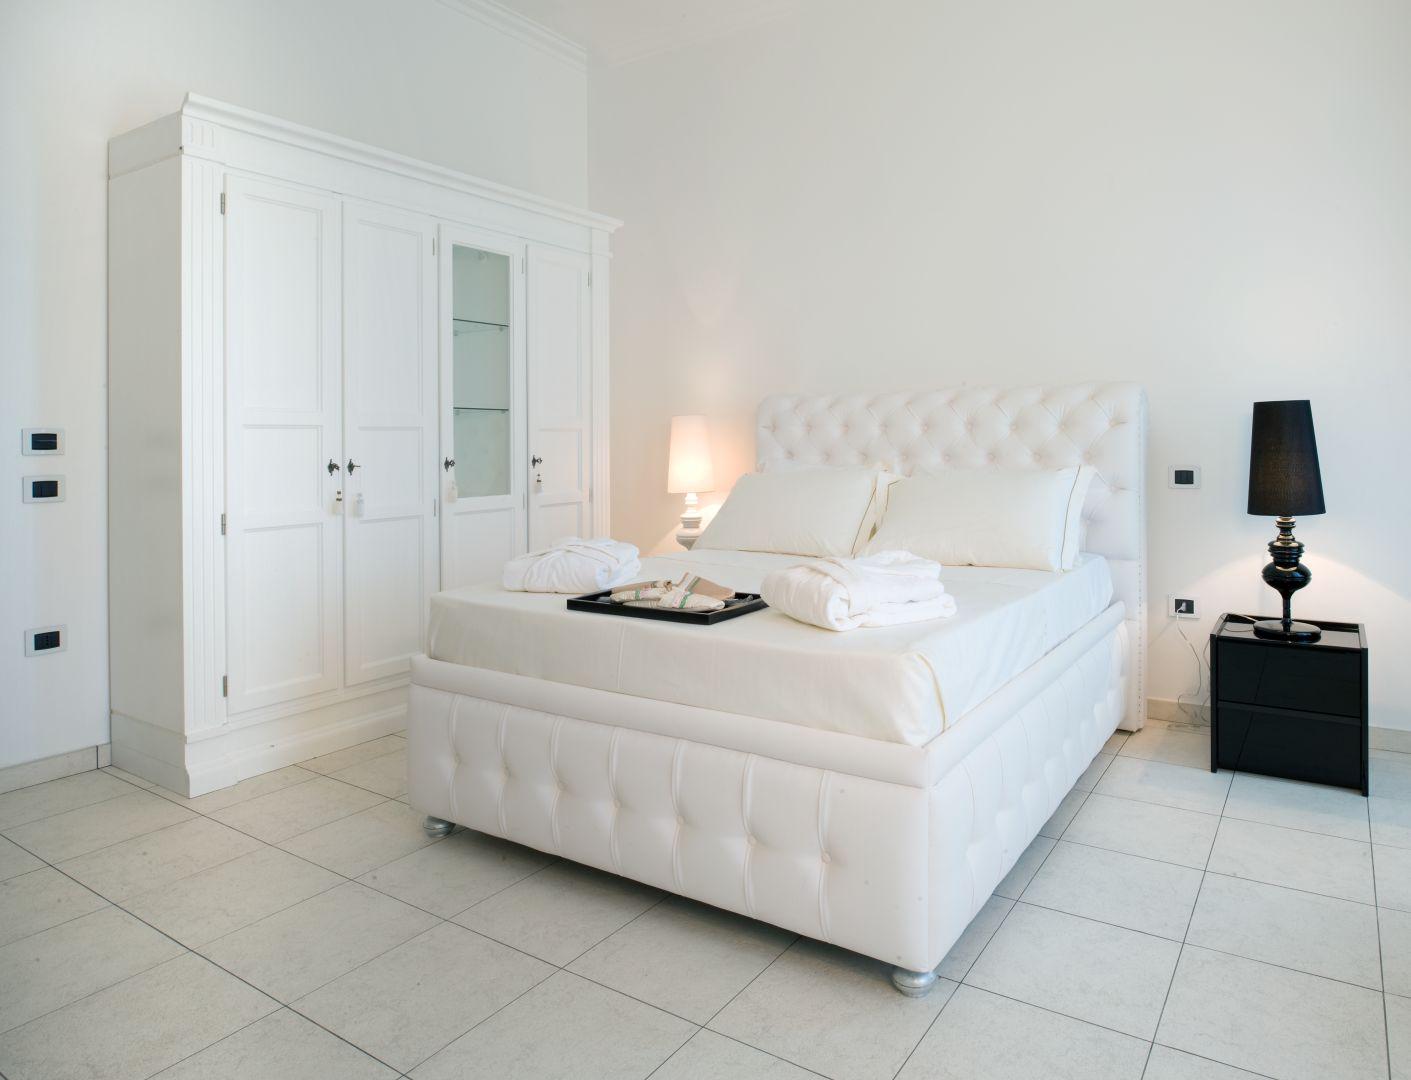 Monastero di cherasco vimar energia positiva - Camera da letto bianca moderna ...